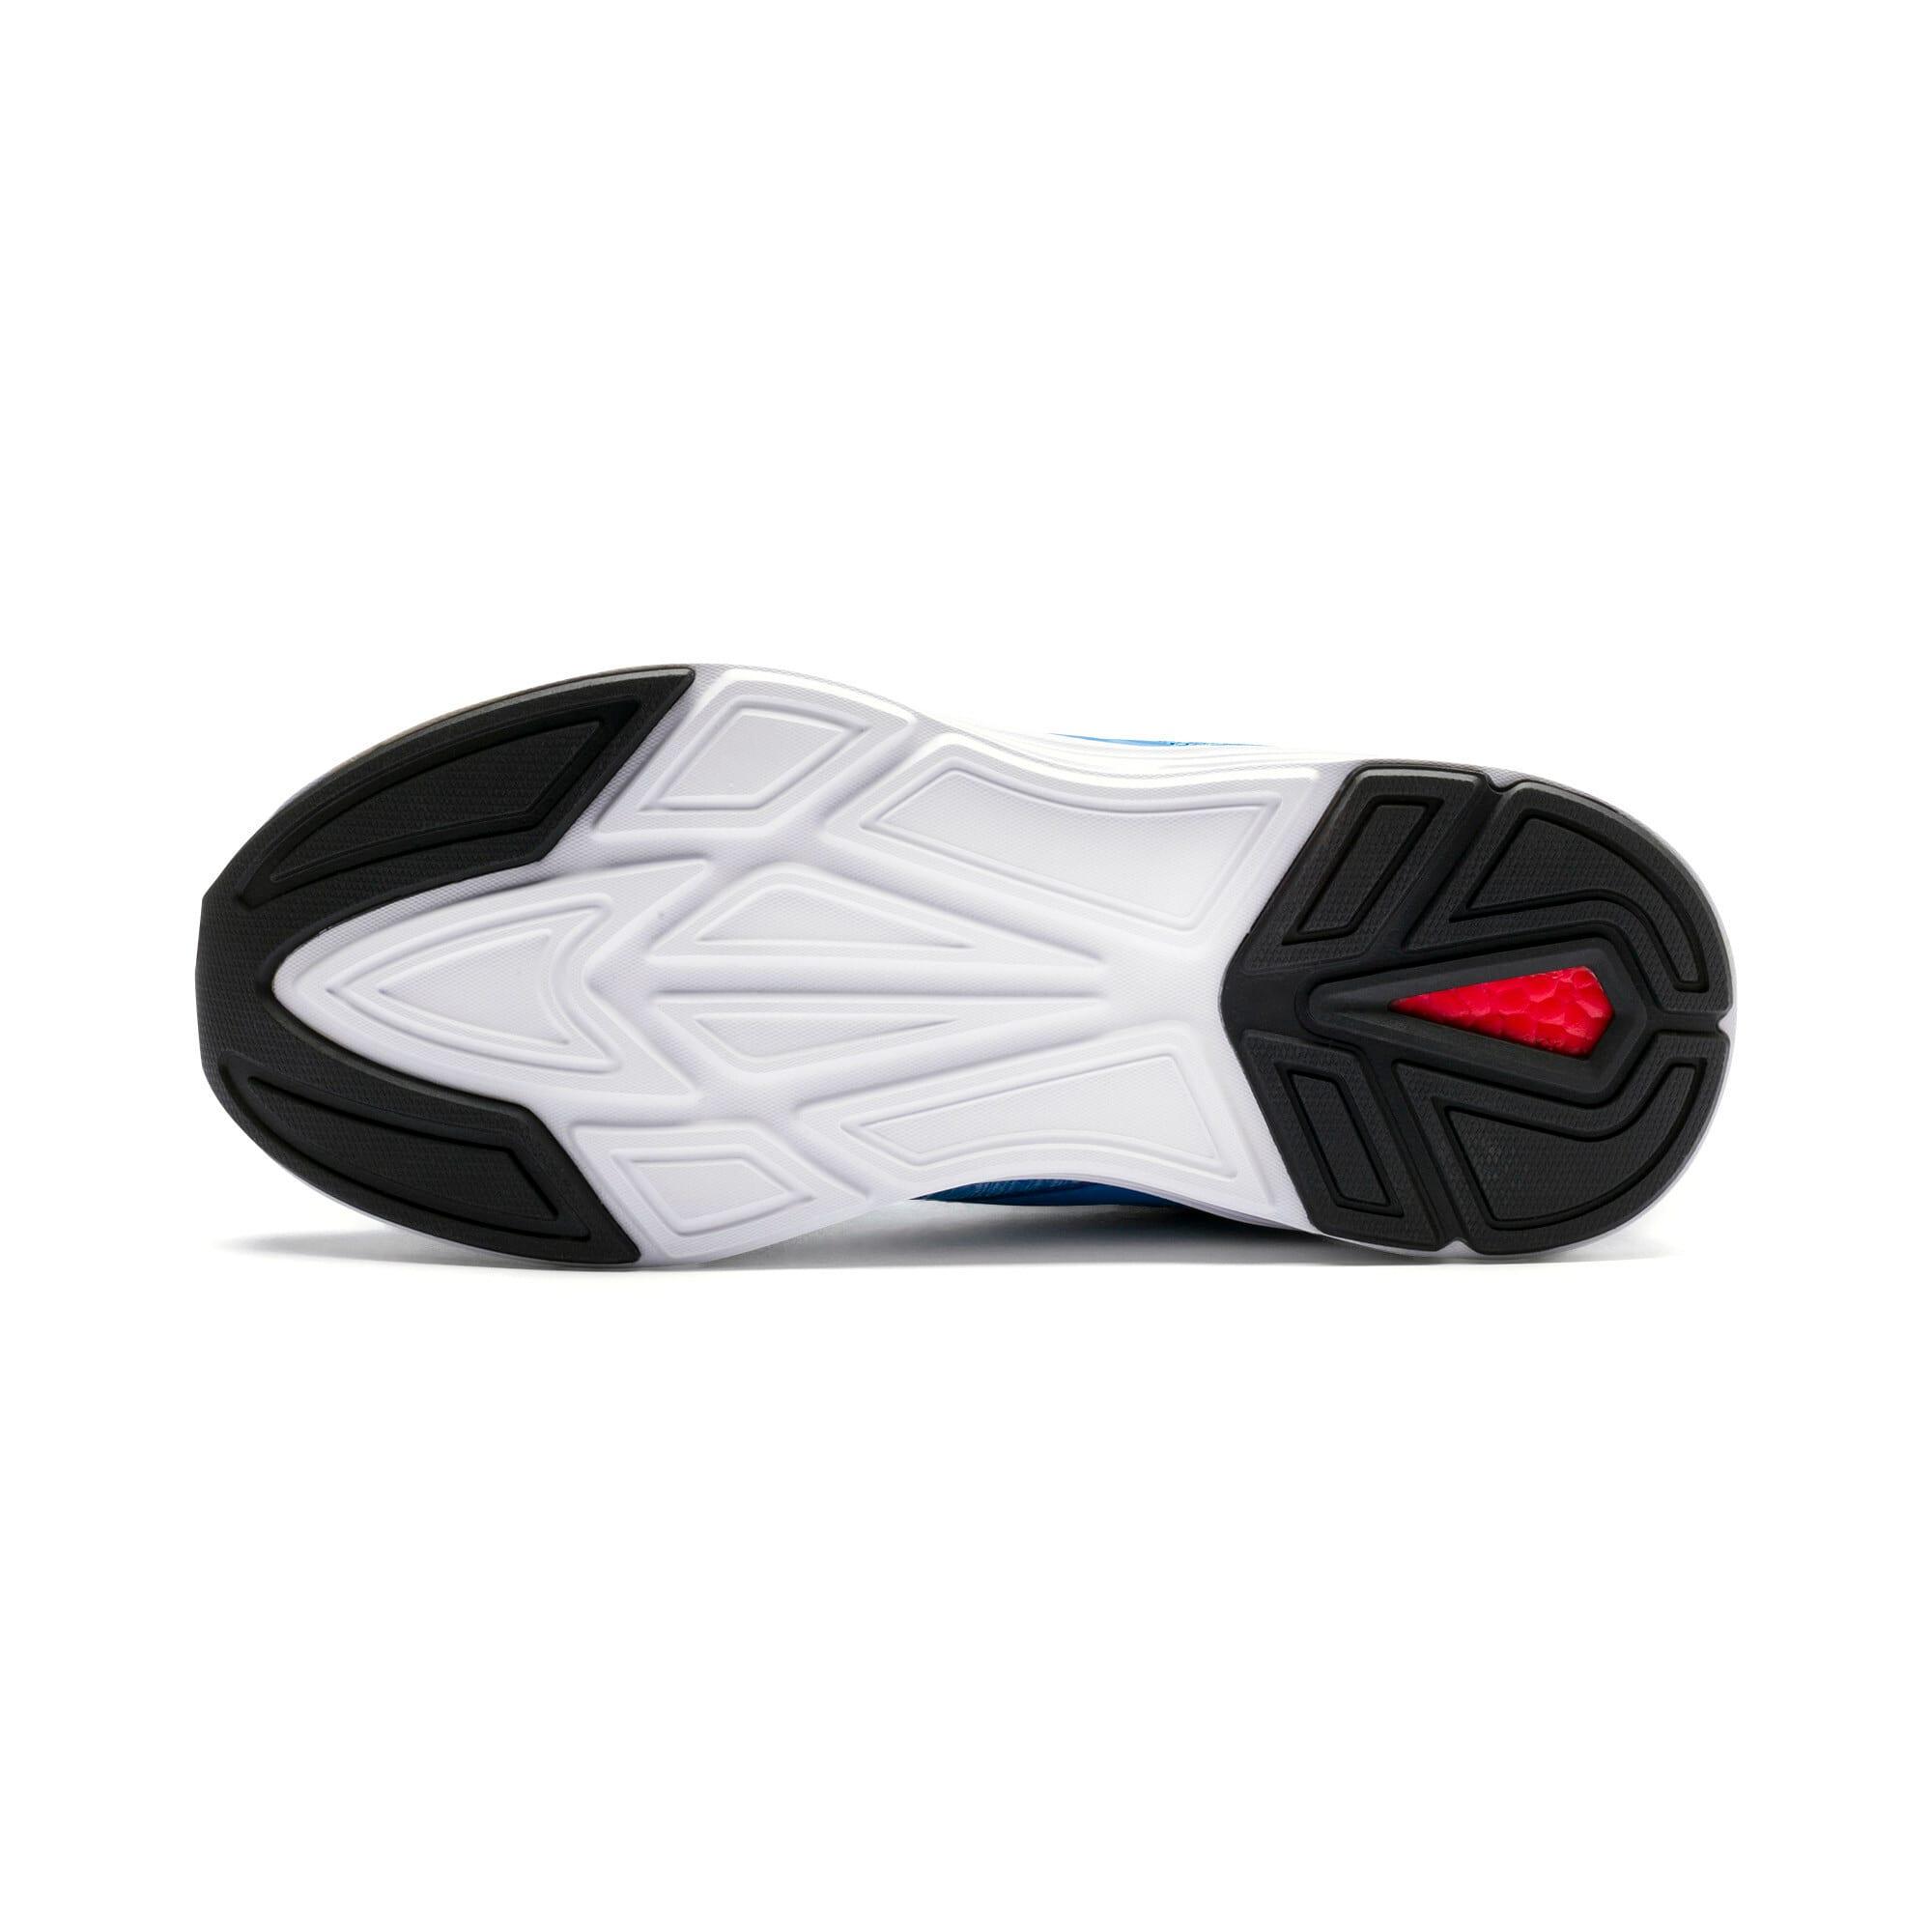 Thumbnail 2 of NRGY Comet Kids' Training Shoes, Indigo Bunting-Puma White, medium-IND